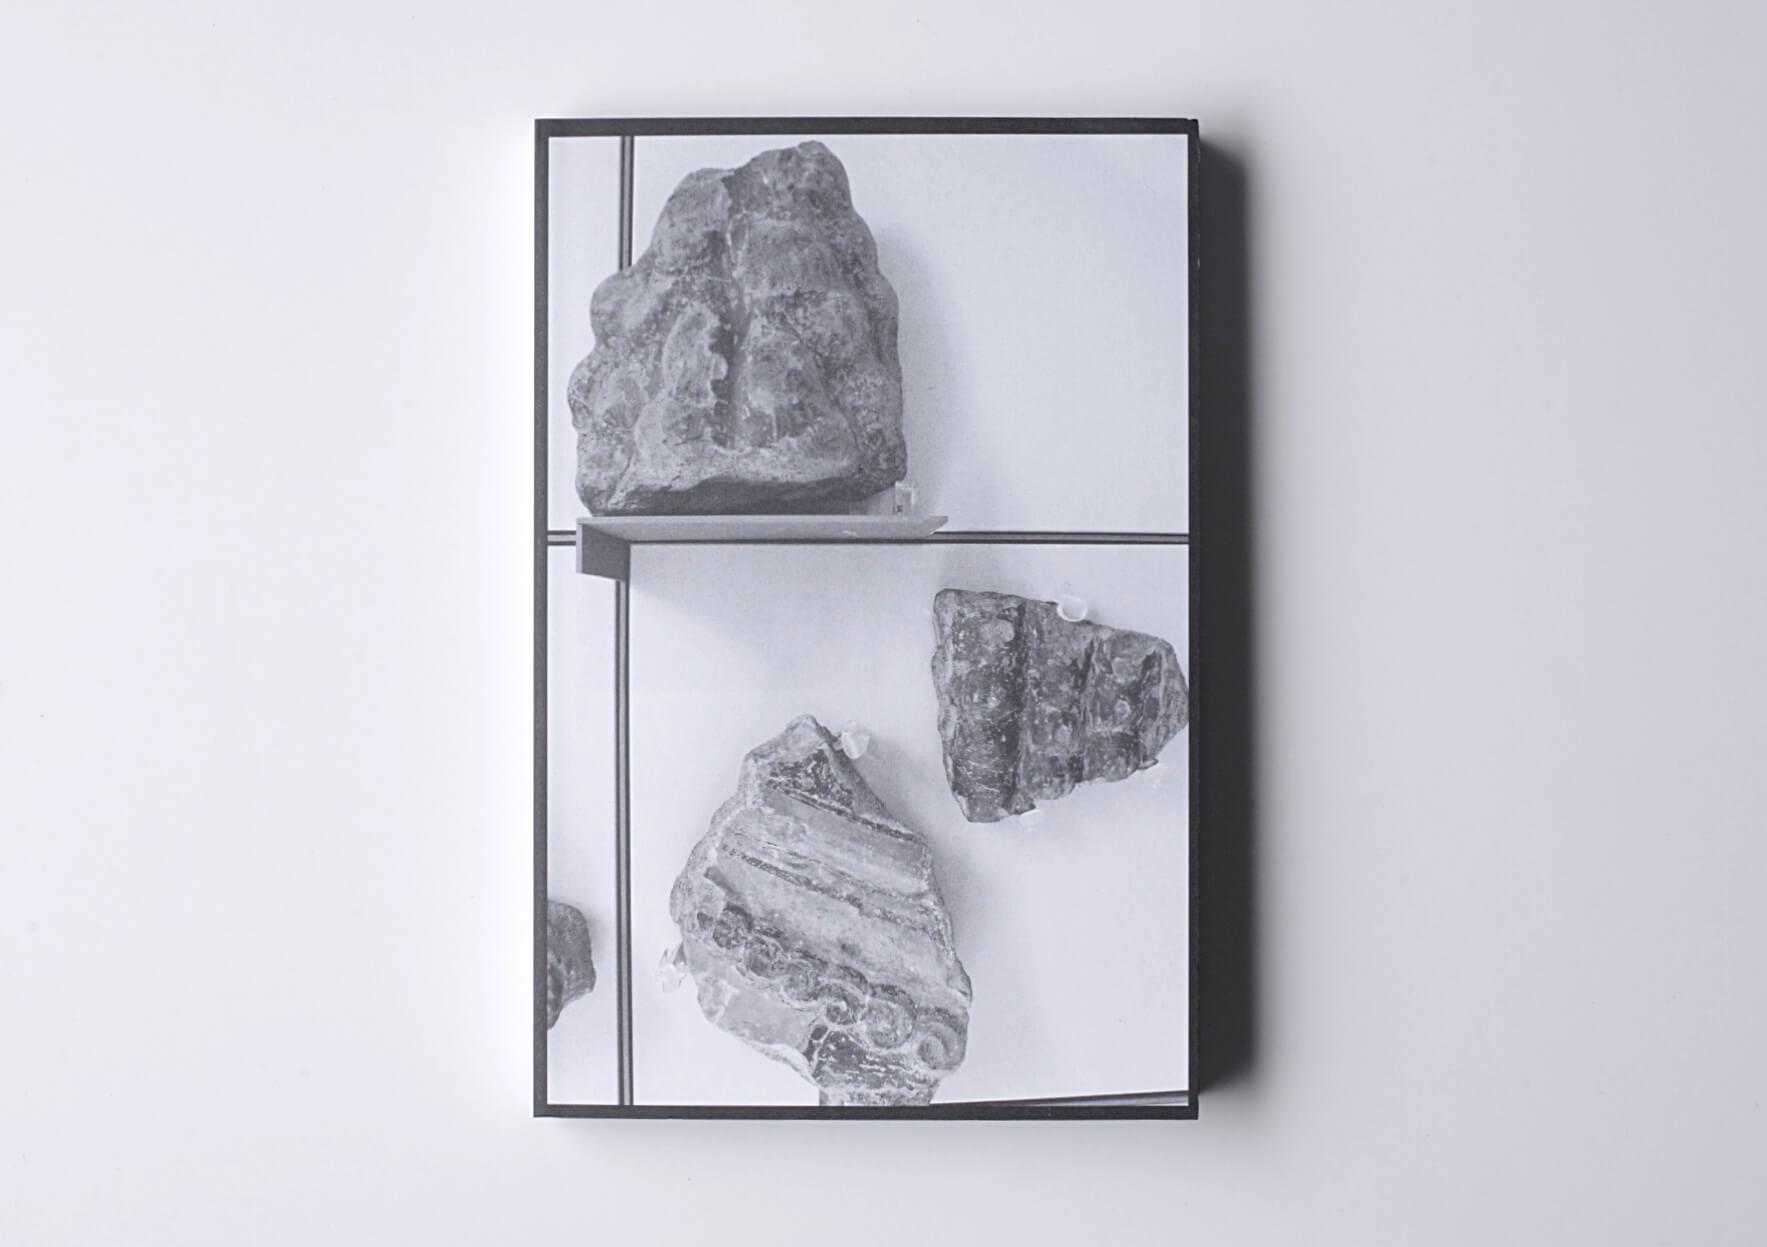 Aglaia Konrad SCHAUBUCH: Skulptur, 2017 20 x 13 cm, 192 p Ed. Roma Publications | Mother | ProjecteSD